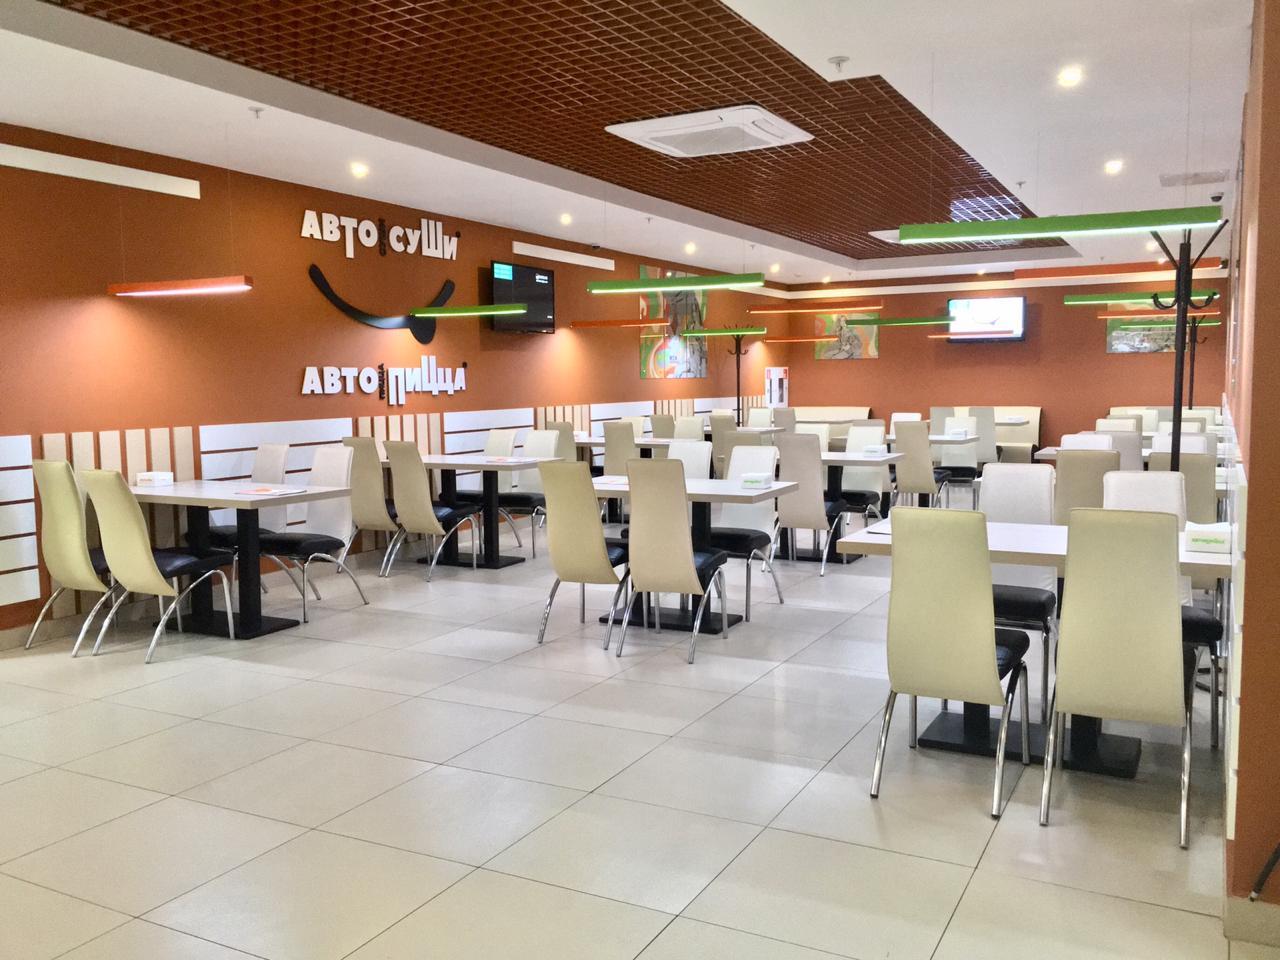 Уютное кафе Автосуши в ТЦ КУБ г.Пенза